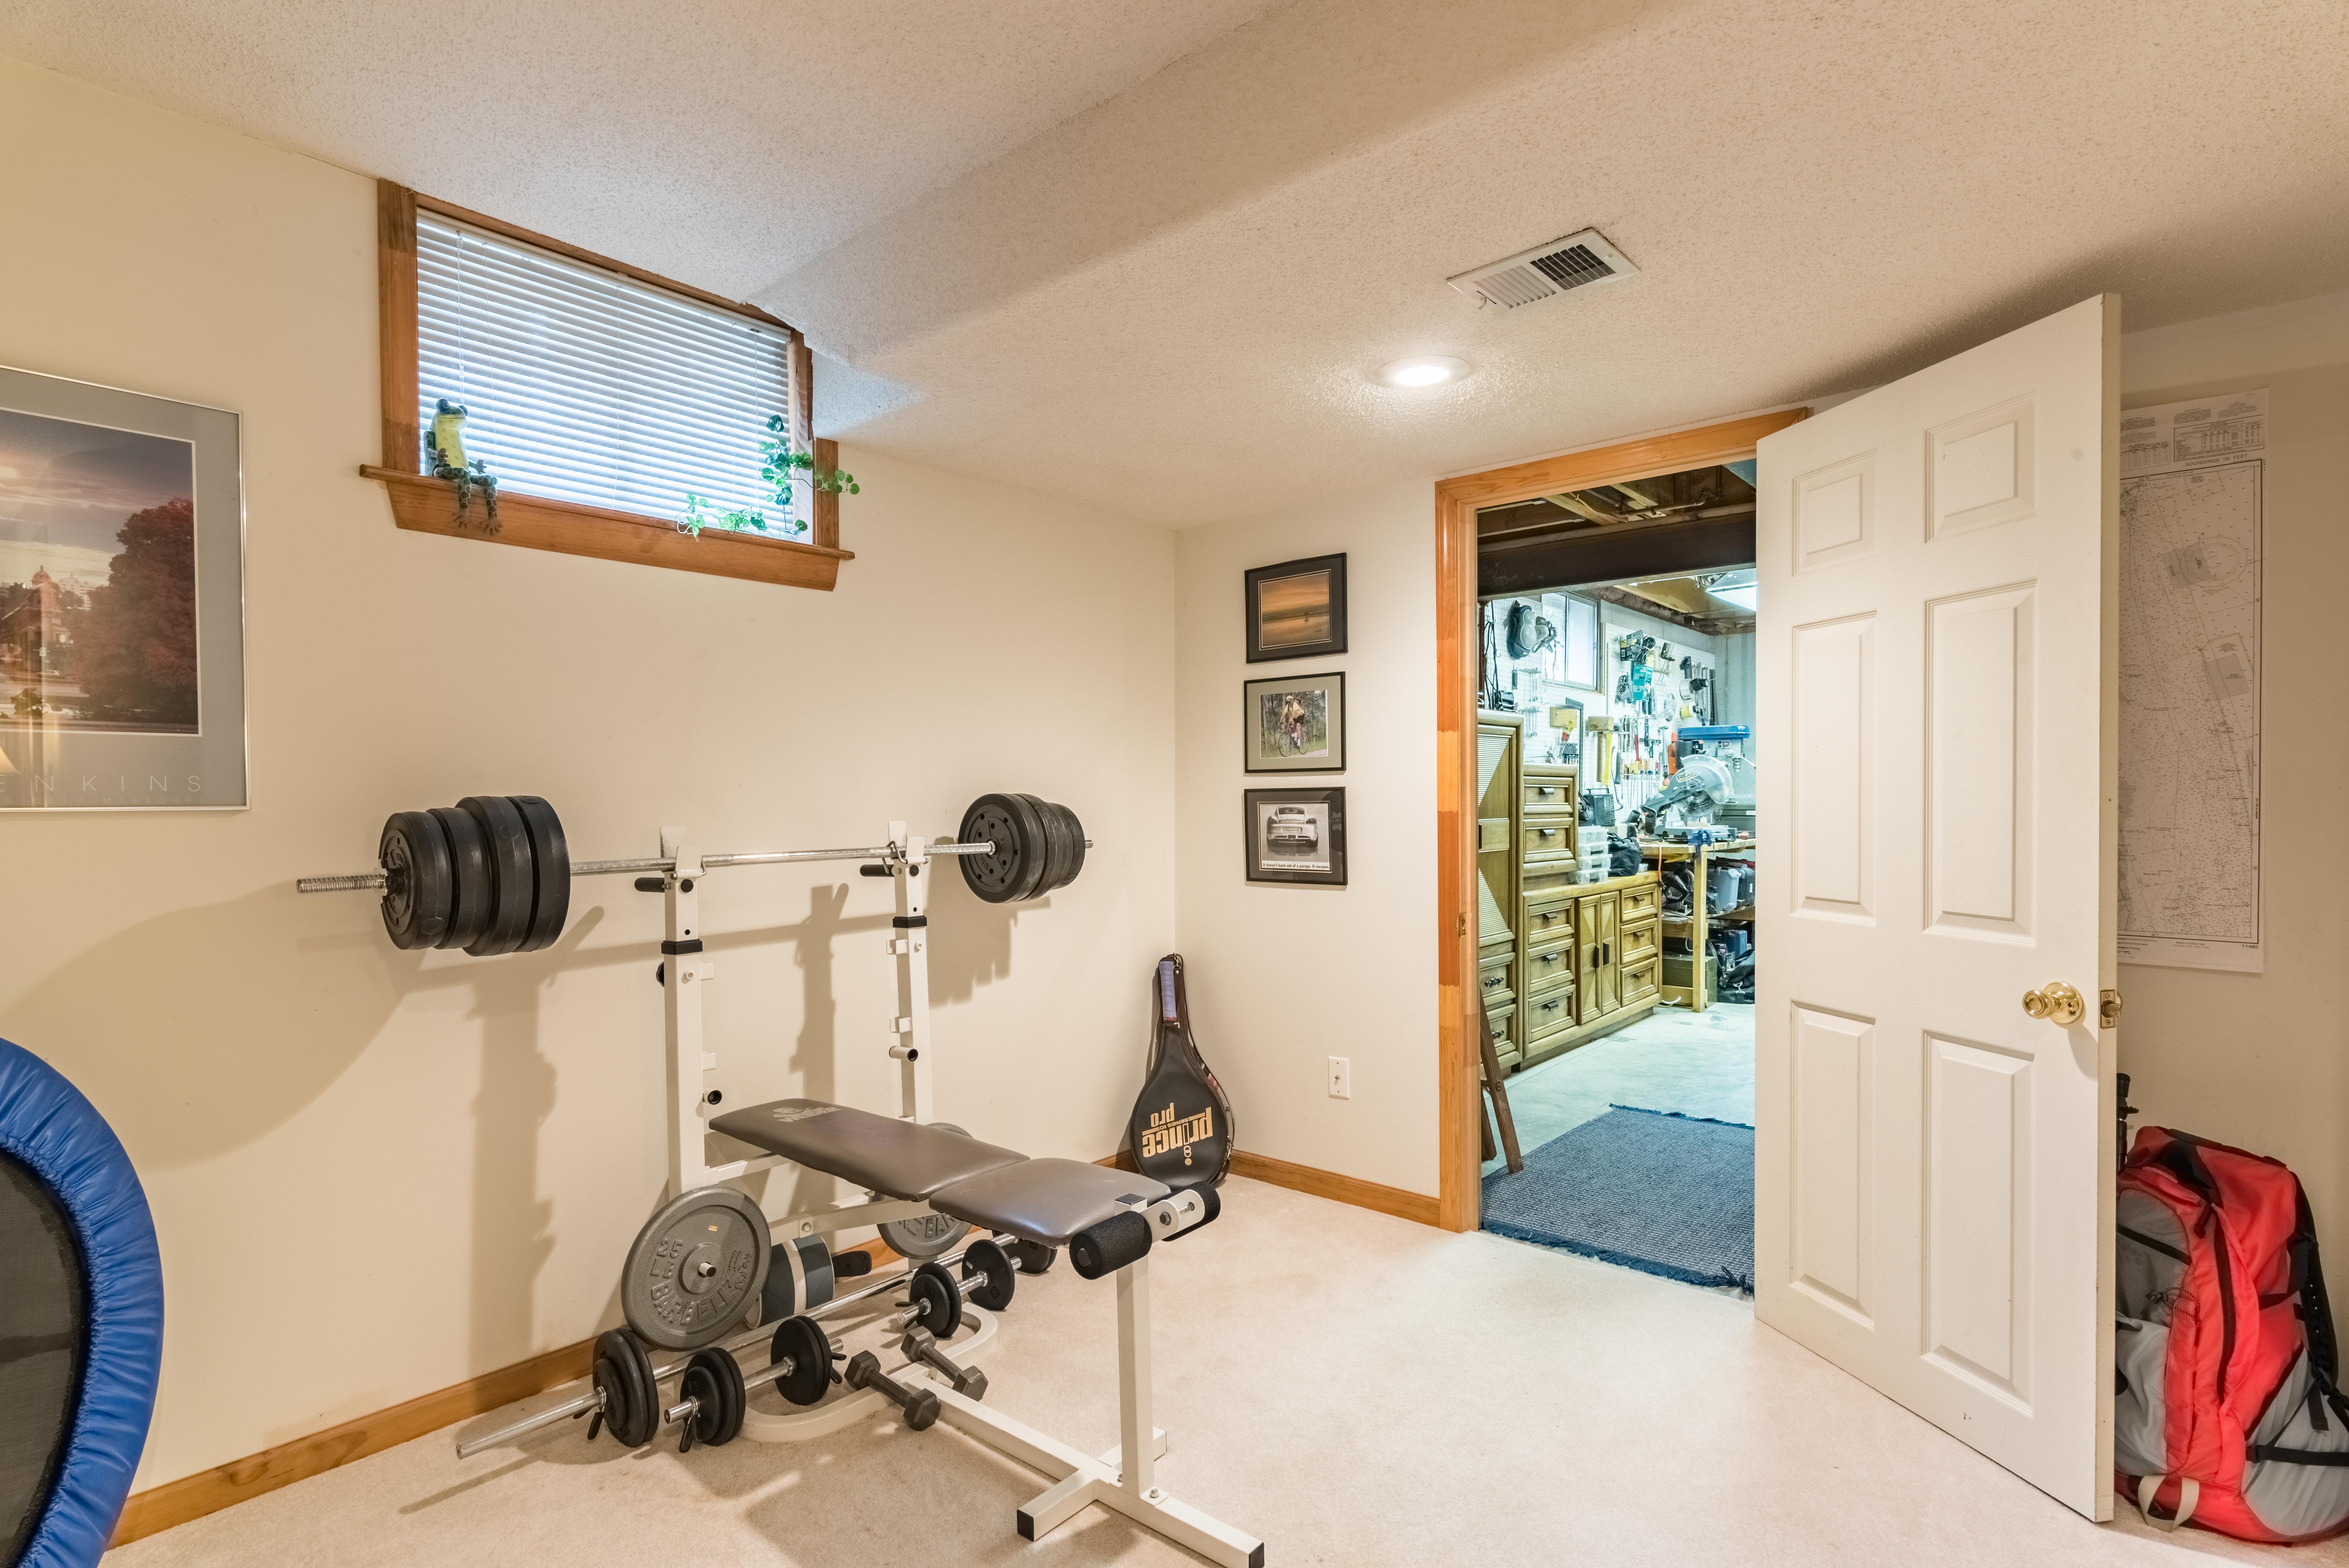 8001 Darnell - interior-25